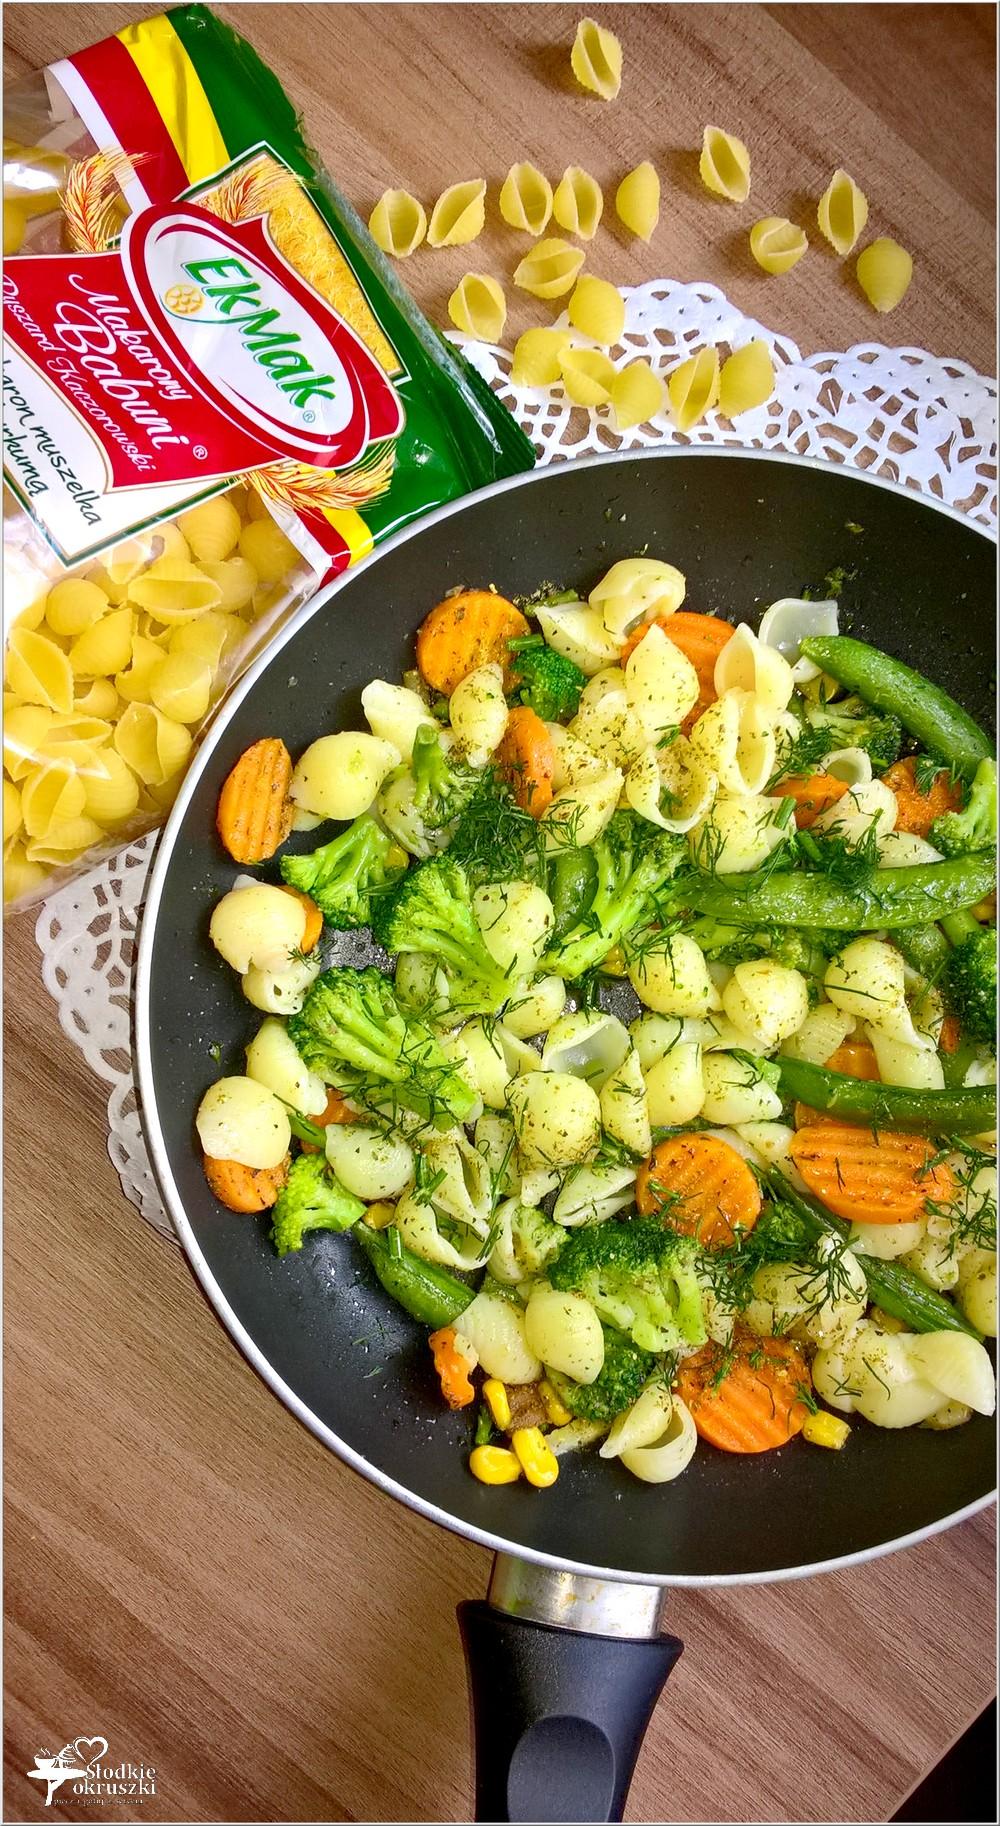 Muszelki z mieszanką warzyw w 18 ziołach Ojca Mateusza (2)